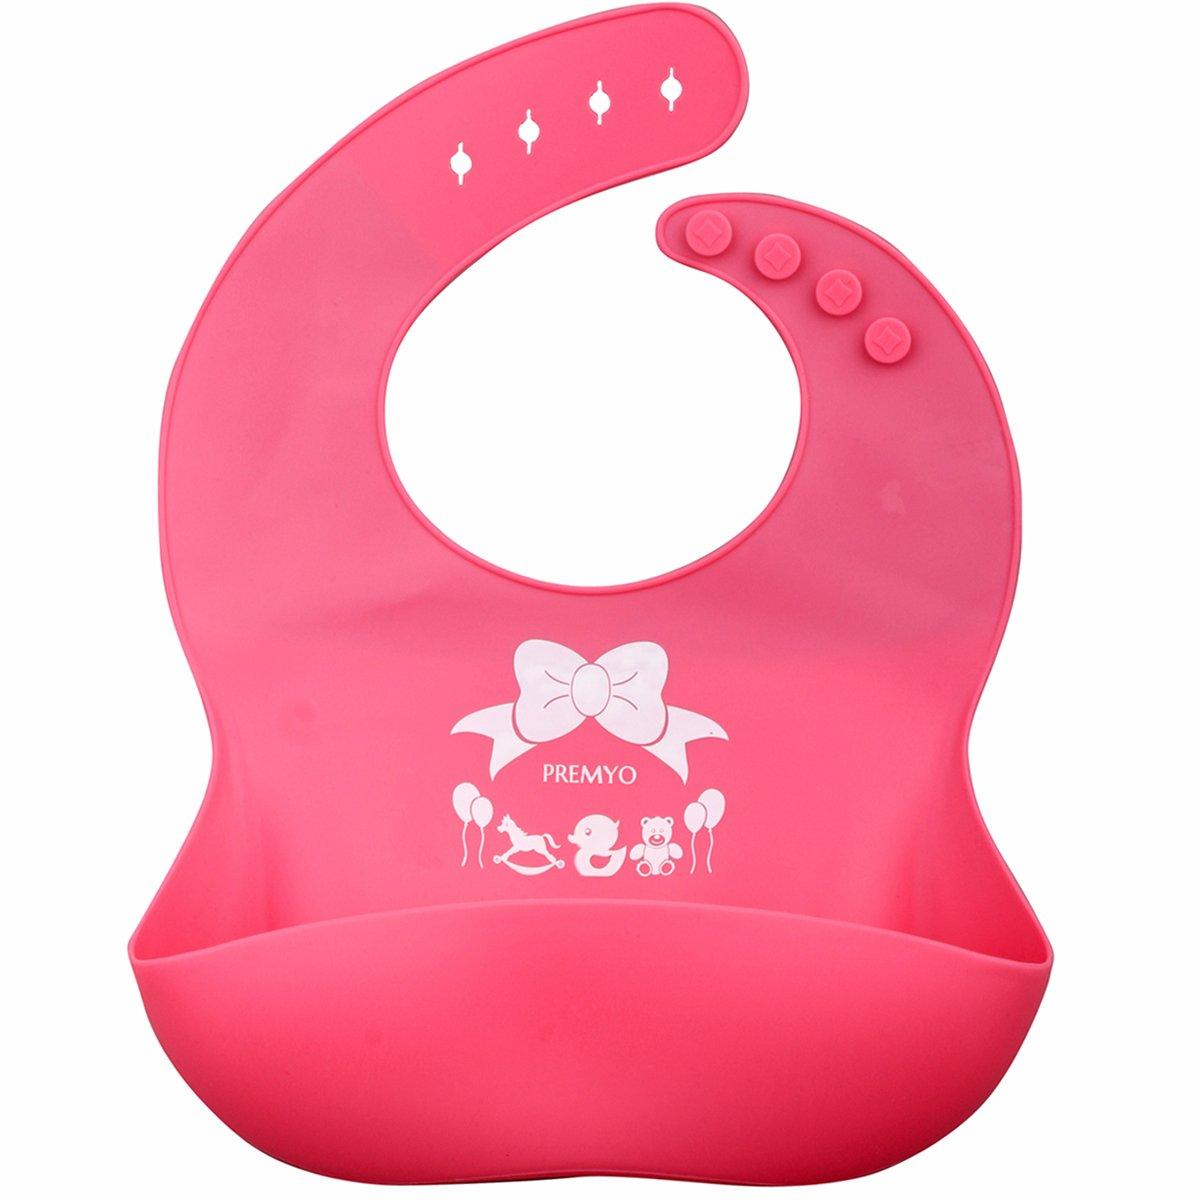 Weich Verstellbar Rosa Lila PREMYO 2er Set Baby L/ätzchen mit Auffangschale Abwaschbar Wasserdicht aus Silikon